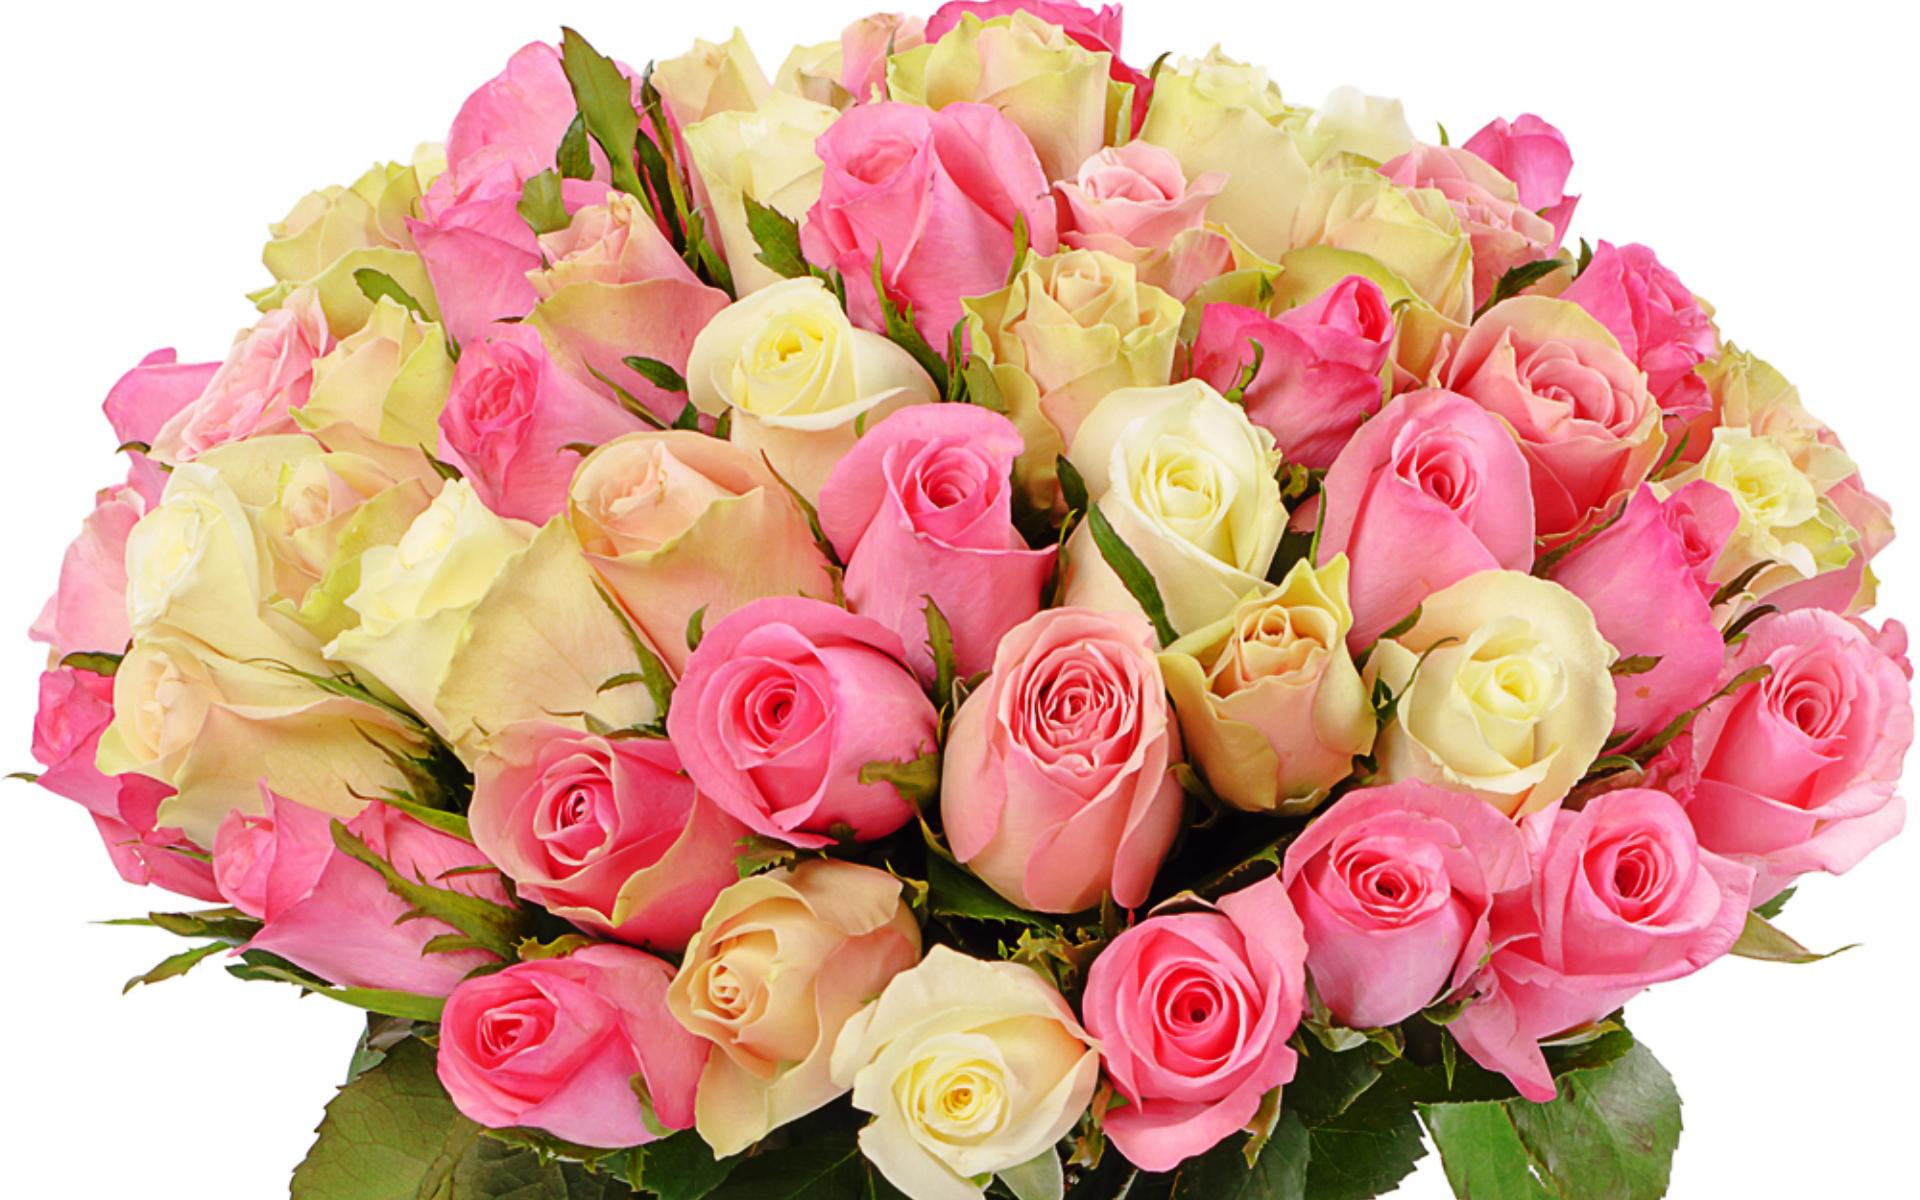 Фото очень большого букета цветов